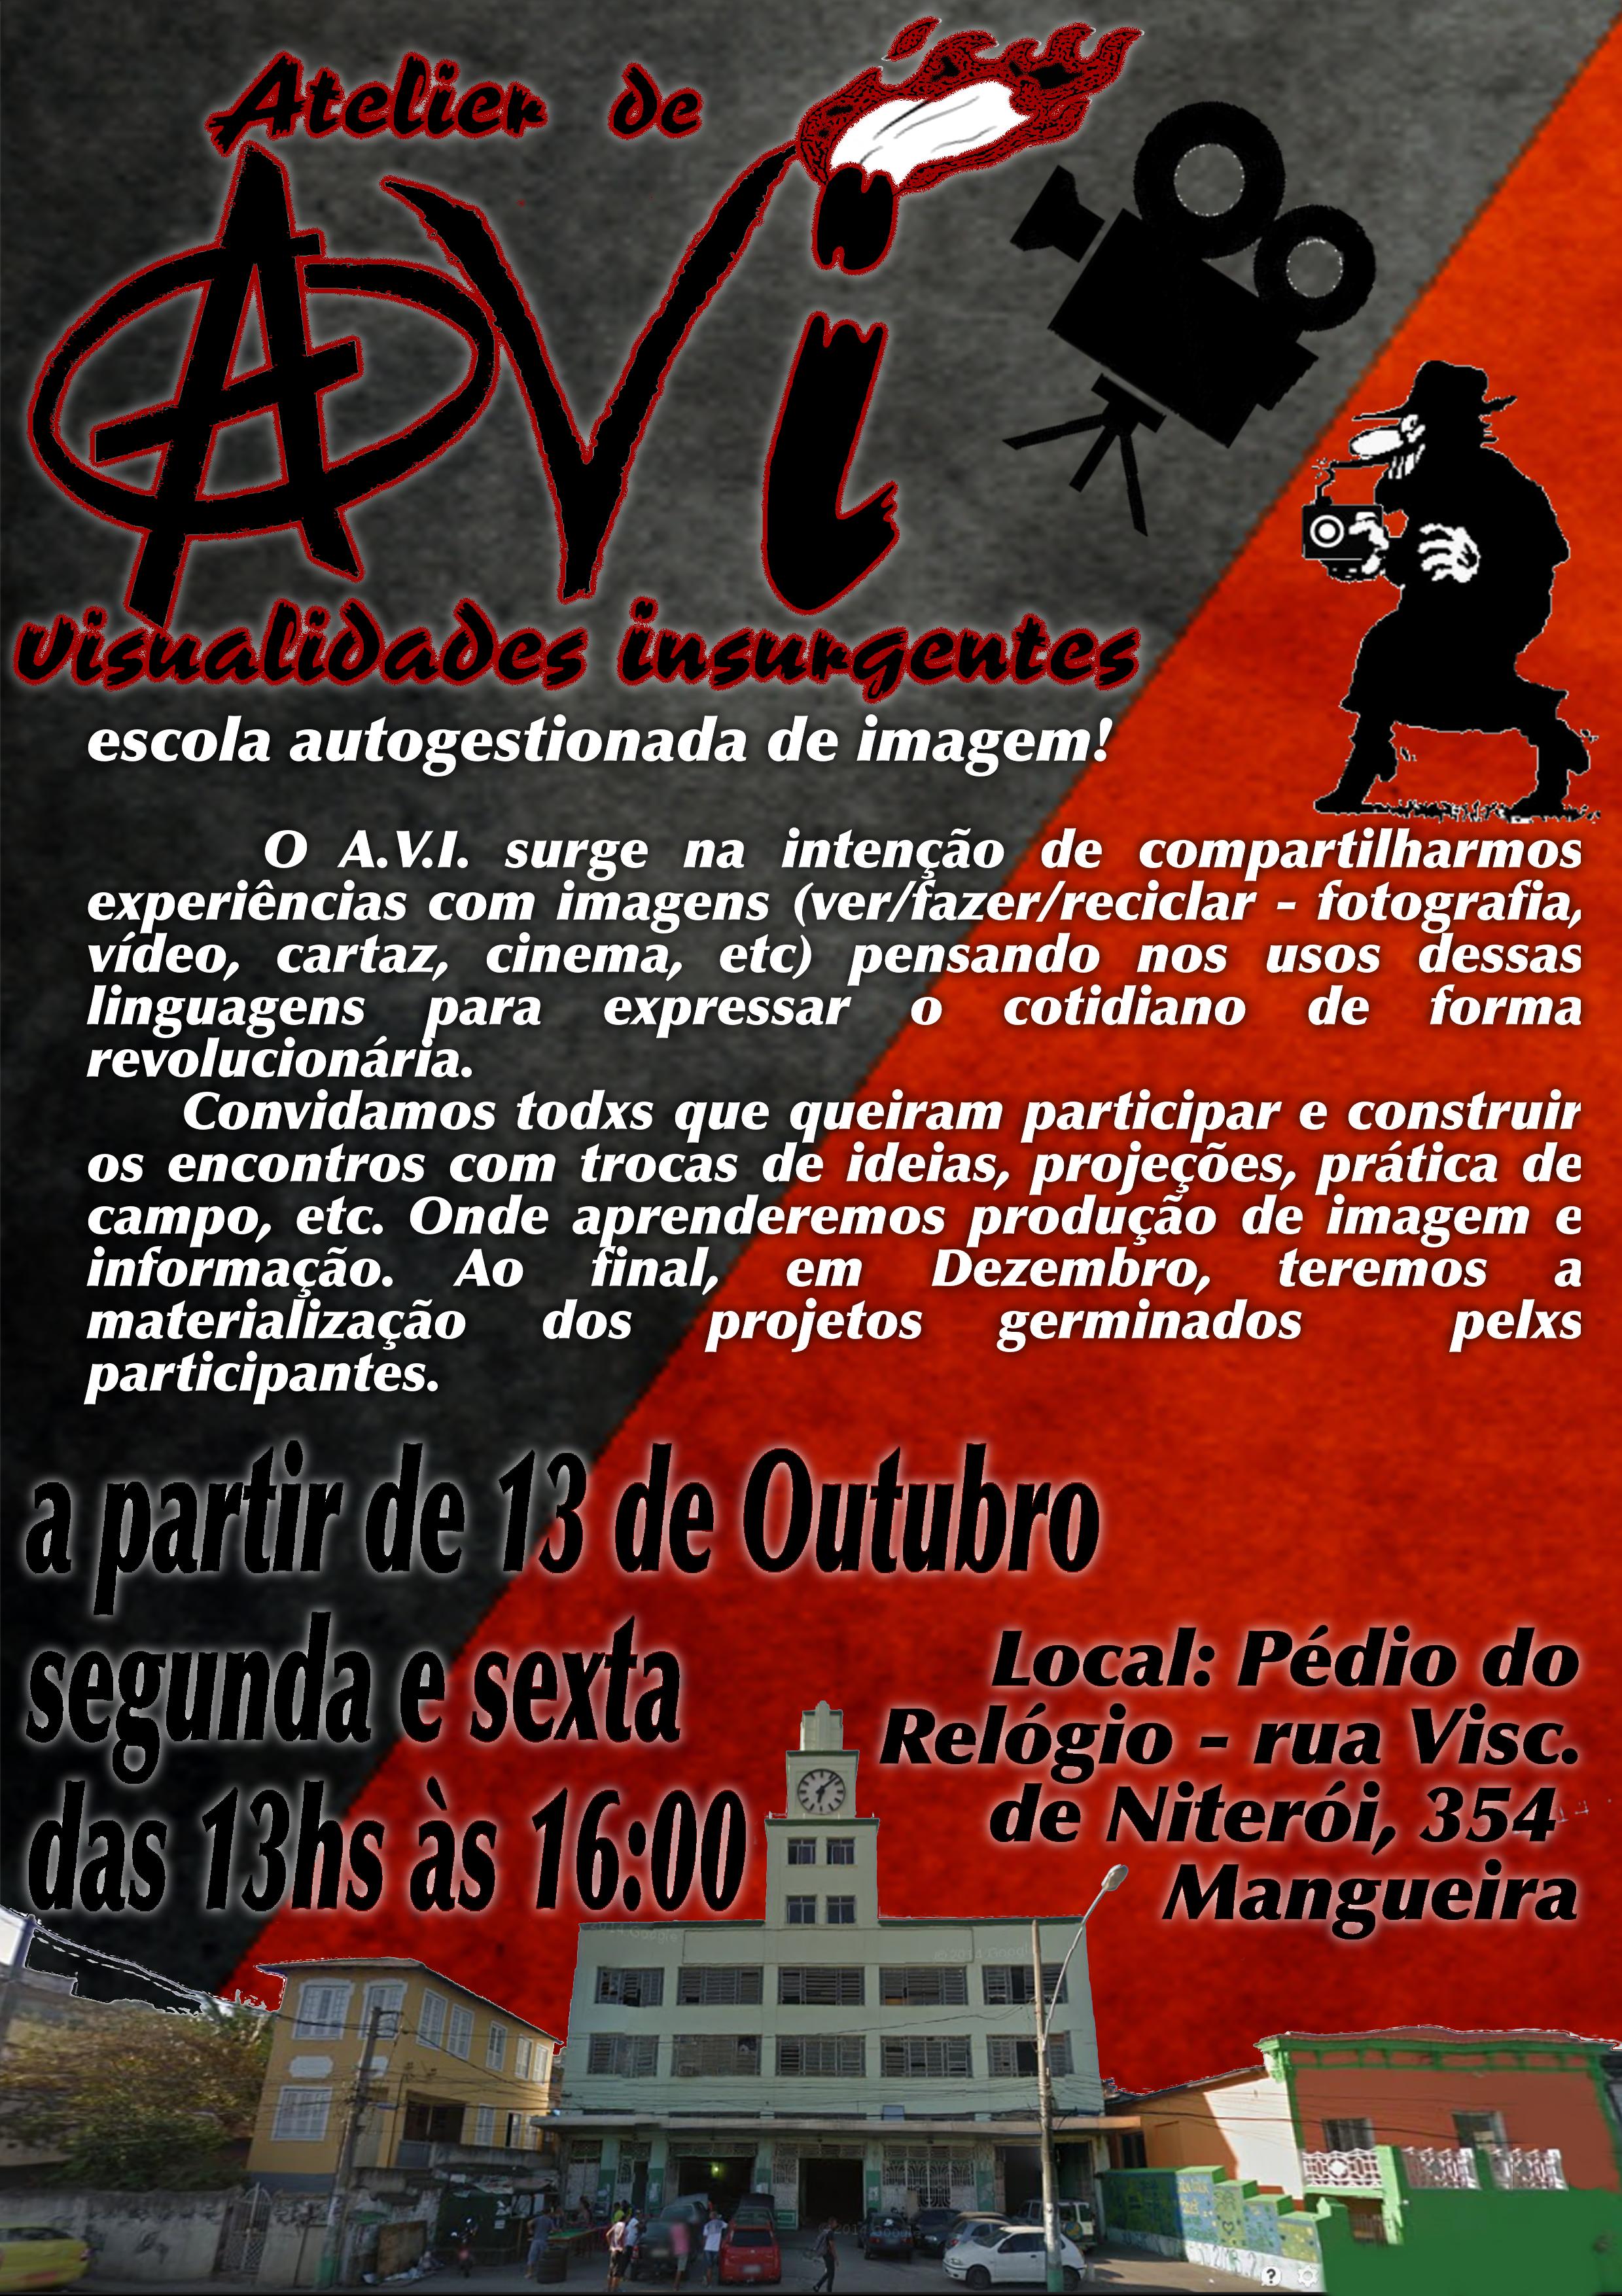 Atelier de Visualidades Insurgentes @ Prédio do Relógio | Rio de Janeiro | Rio de Janeiro | Brasil